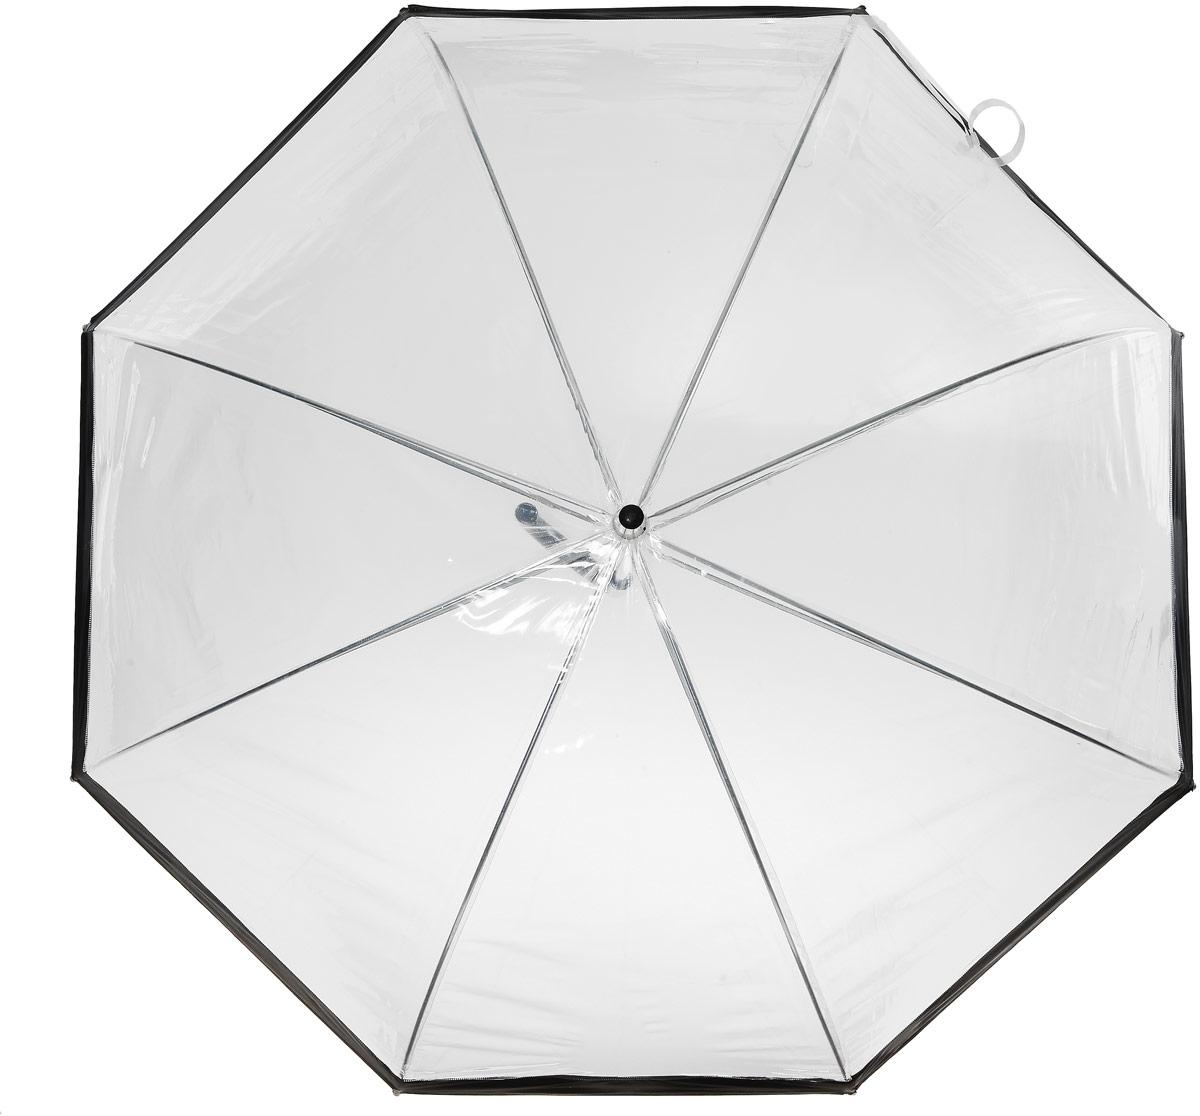 Зонт-трость женский Эврика, механика, цвет: прозрачный, черный. 9166891668Оригинальный зонт-трость Эврика выполнен из высококачественного ПВХ, который не пропускает воду. Каркас зонта, выполненный из прочного металла, состоит из восьми спиц. Зонт имеет механический тип сложения: открывается и закрывается вручную до характерного щелчка. Изделие оснащено удобной пластиковой ручкой изогнутой формы.